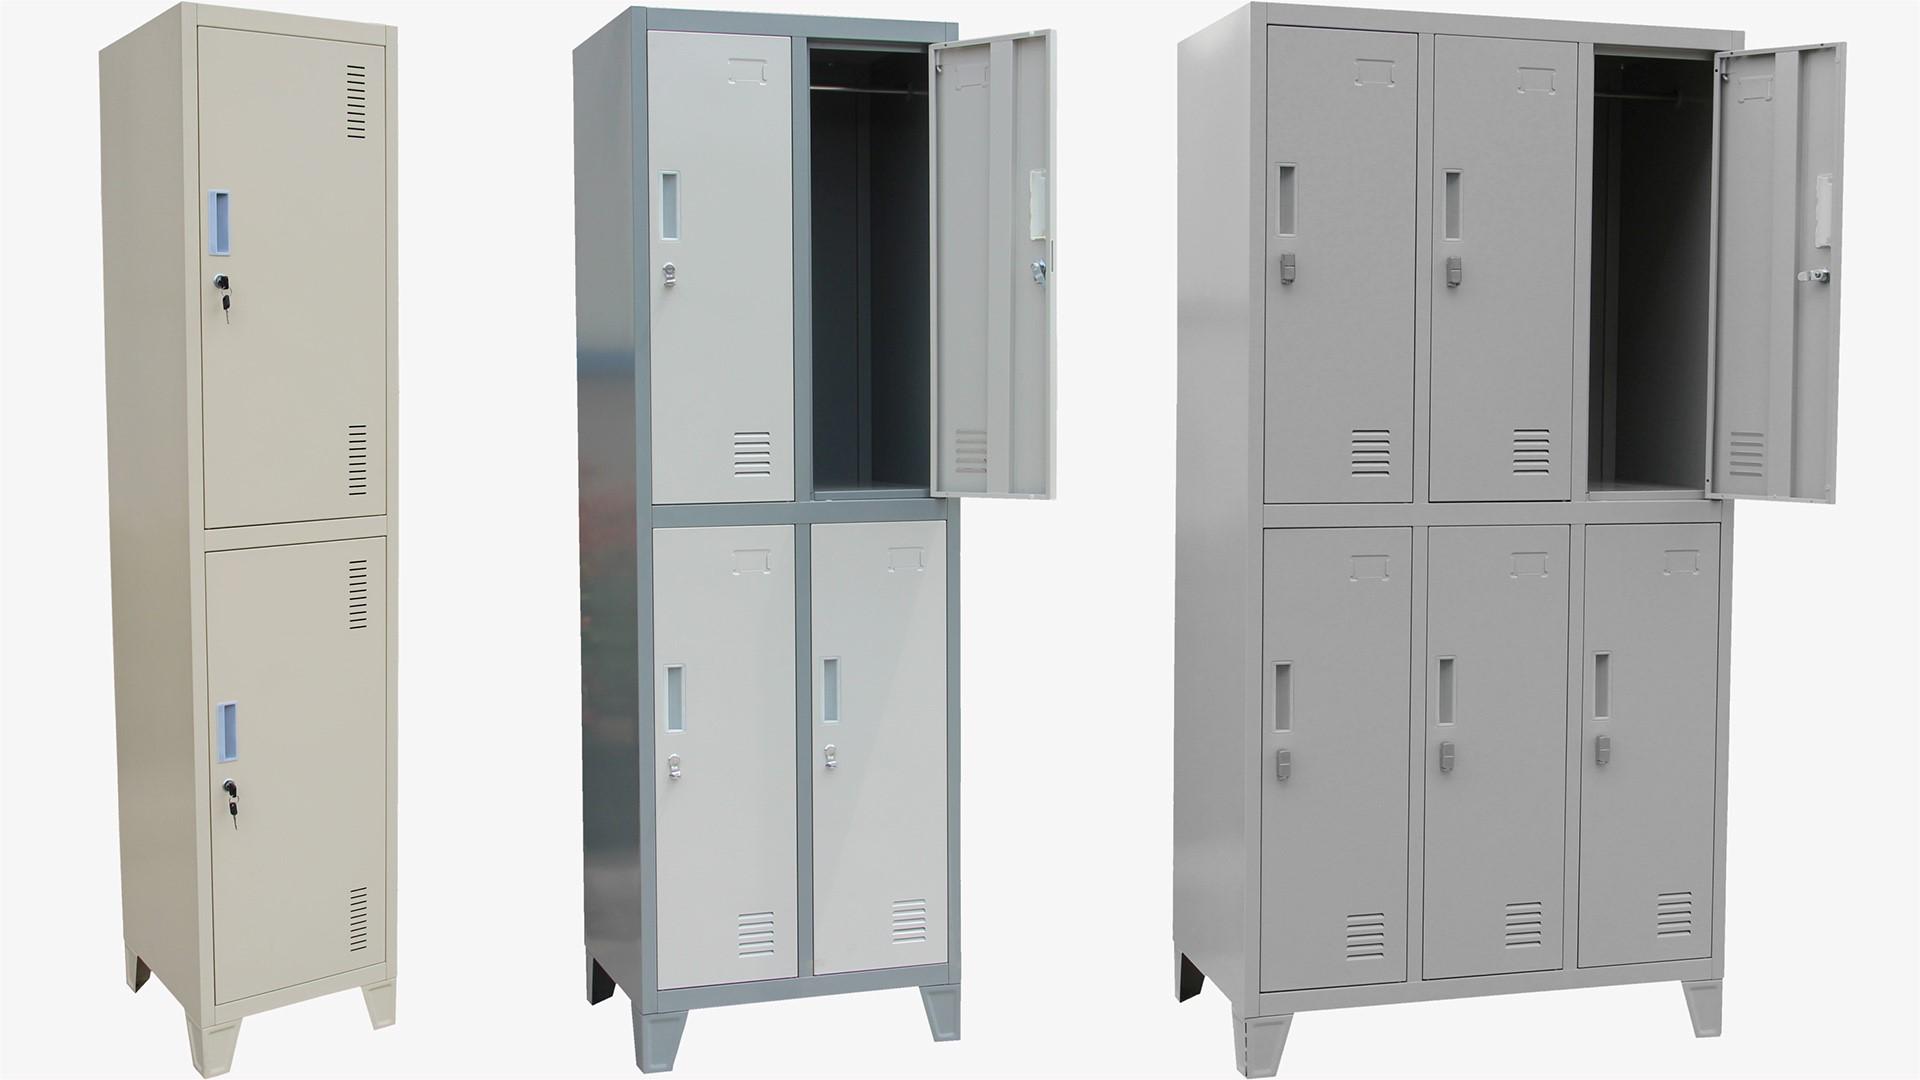 Kasetni garderobni ormani sa 2, 4 i 6 kabina